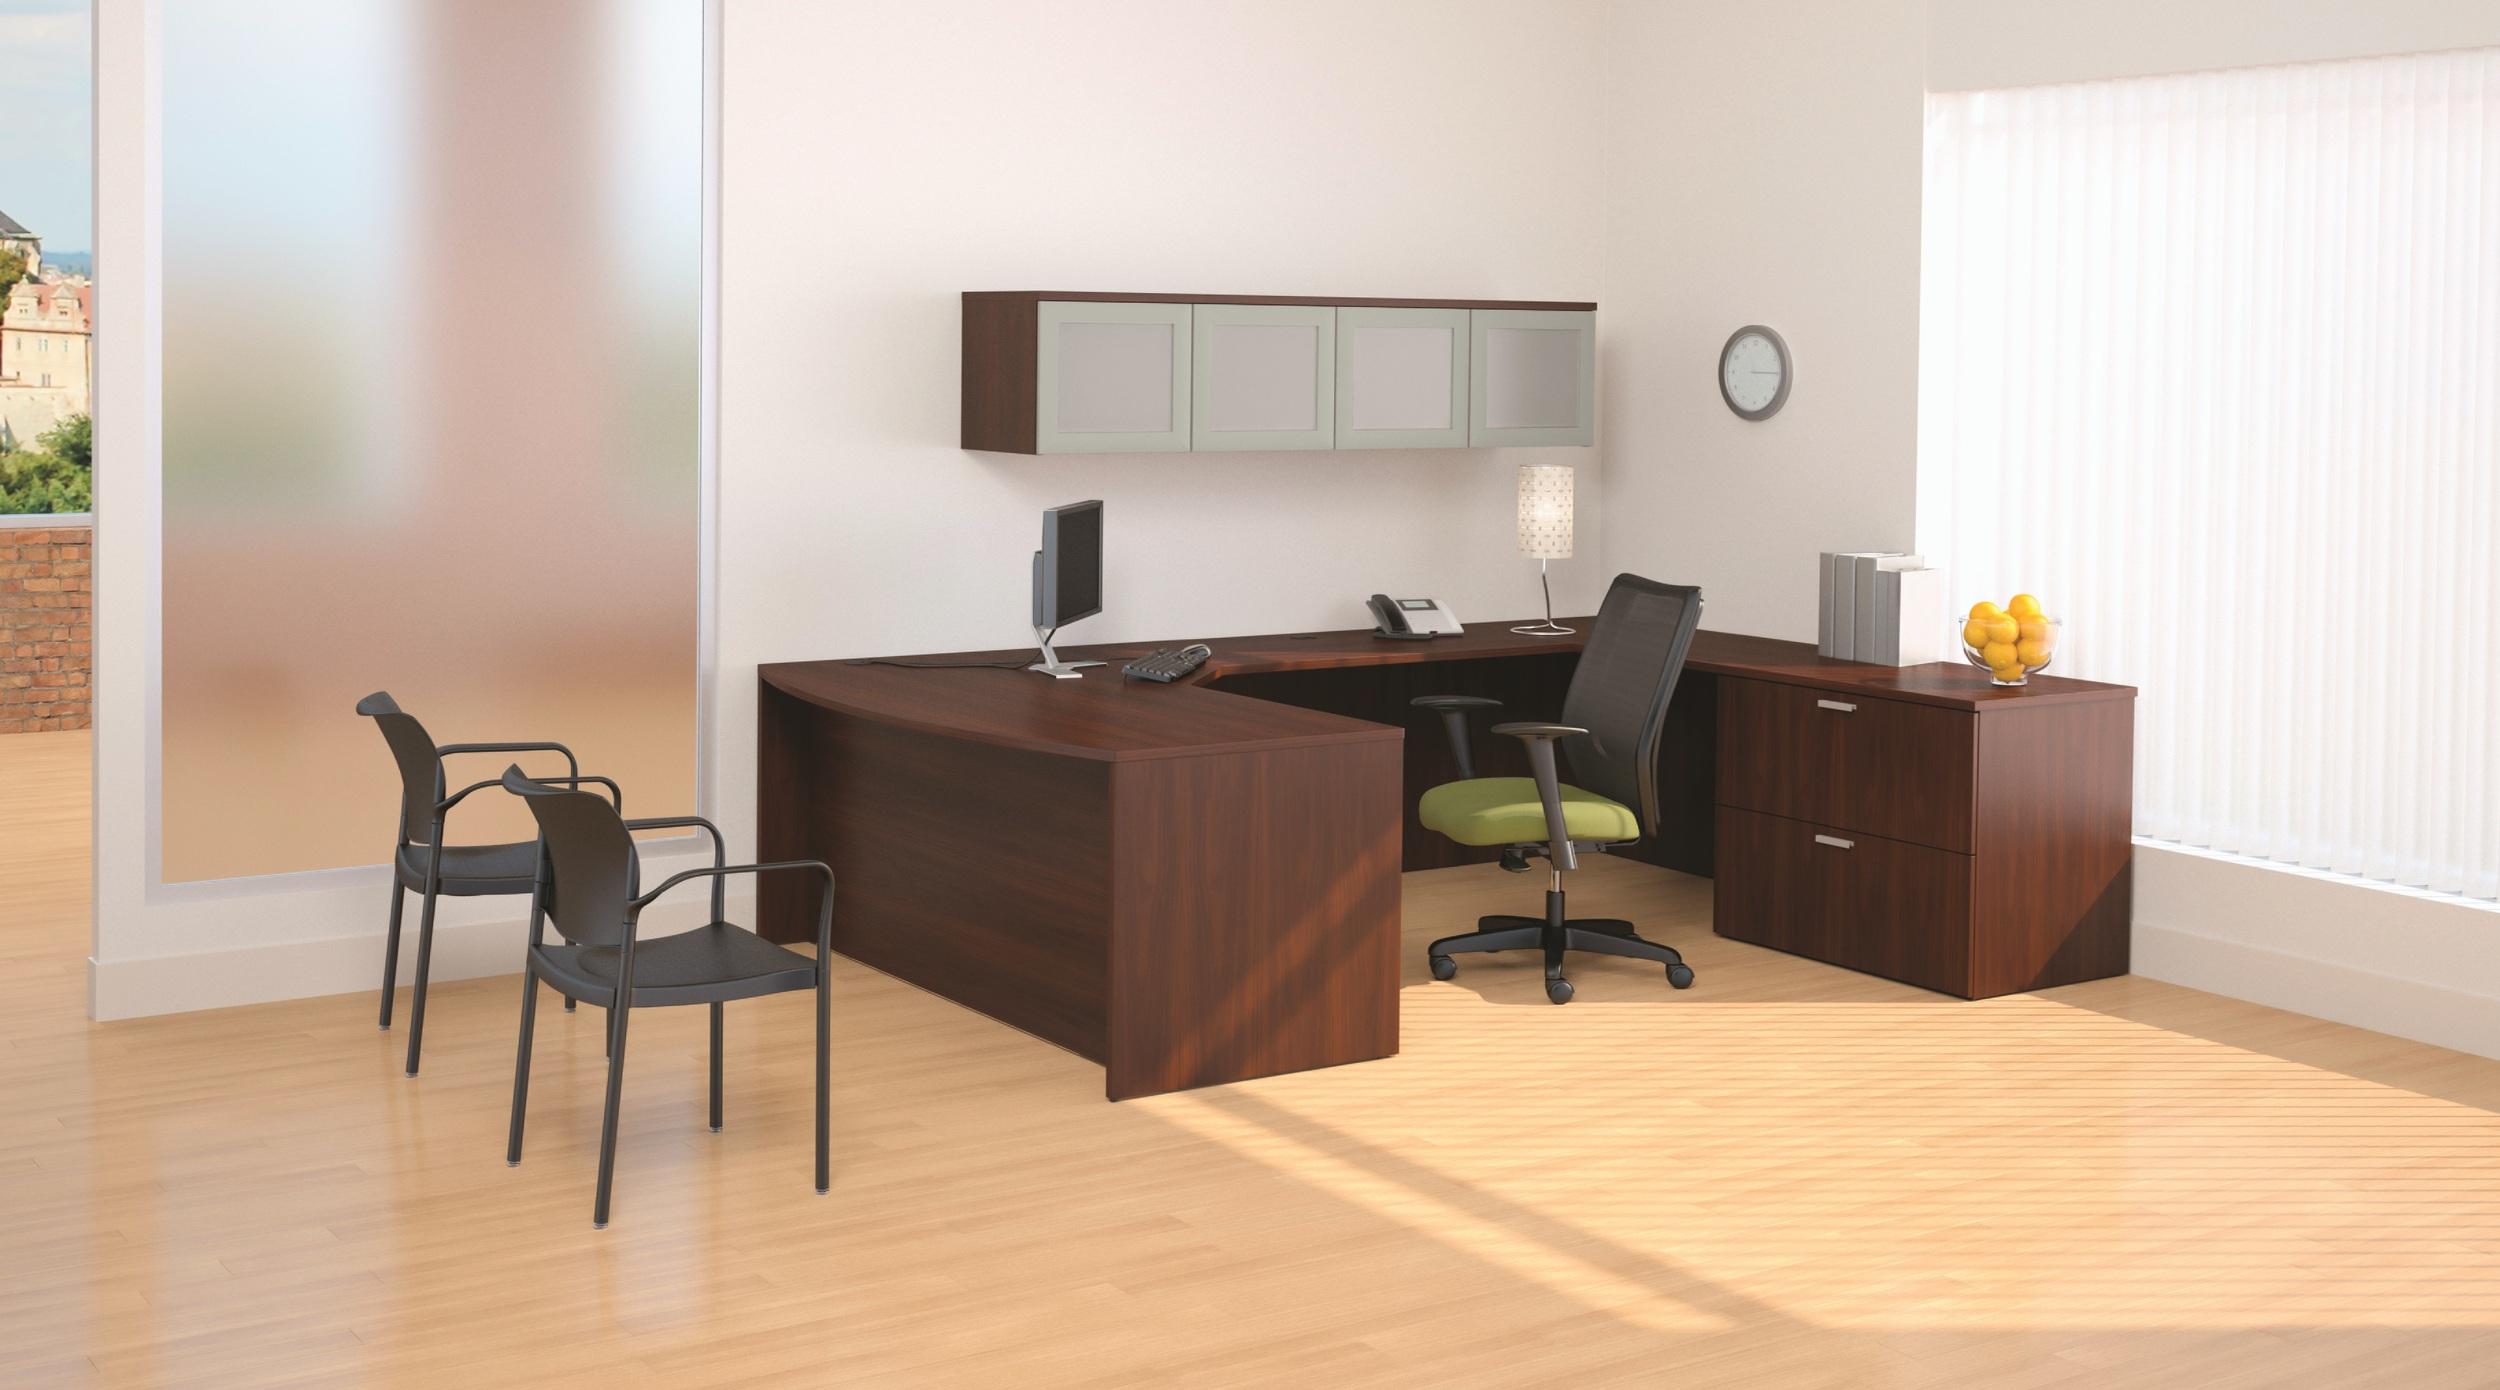 Private Office Design